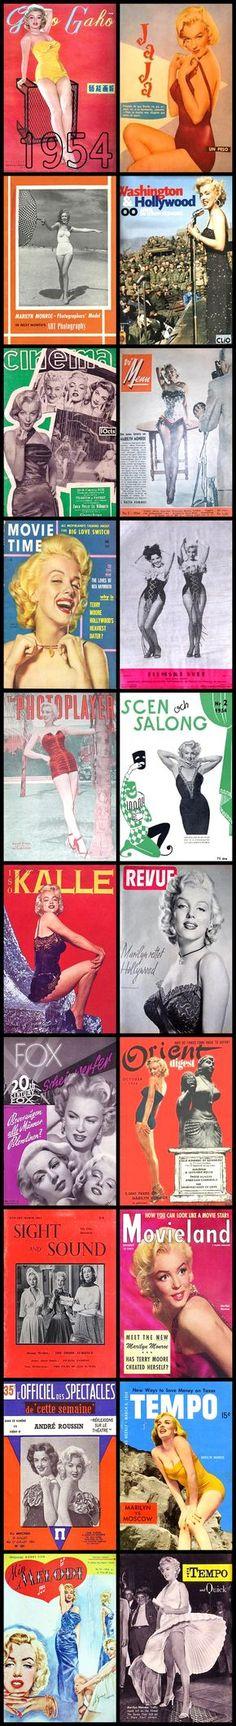 1954 magazine covers of Marilyn Monroe .... #marilynmonroe #normajeane #vintagemagazine #pinup #iconic #raremagazine #magazinecover #hollywoodactress #1950s